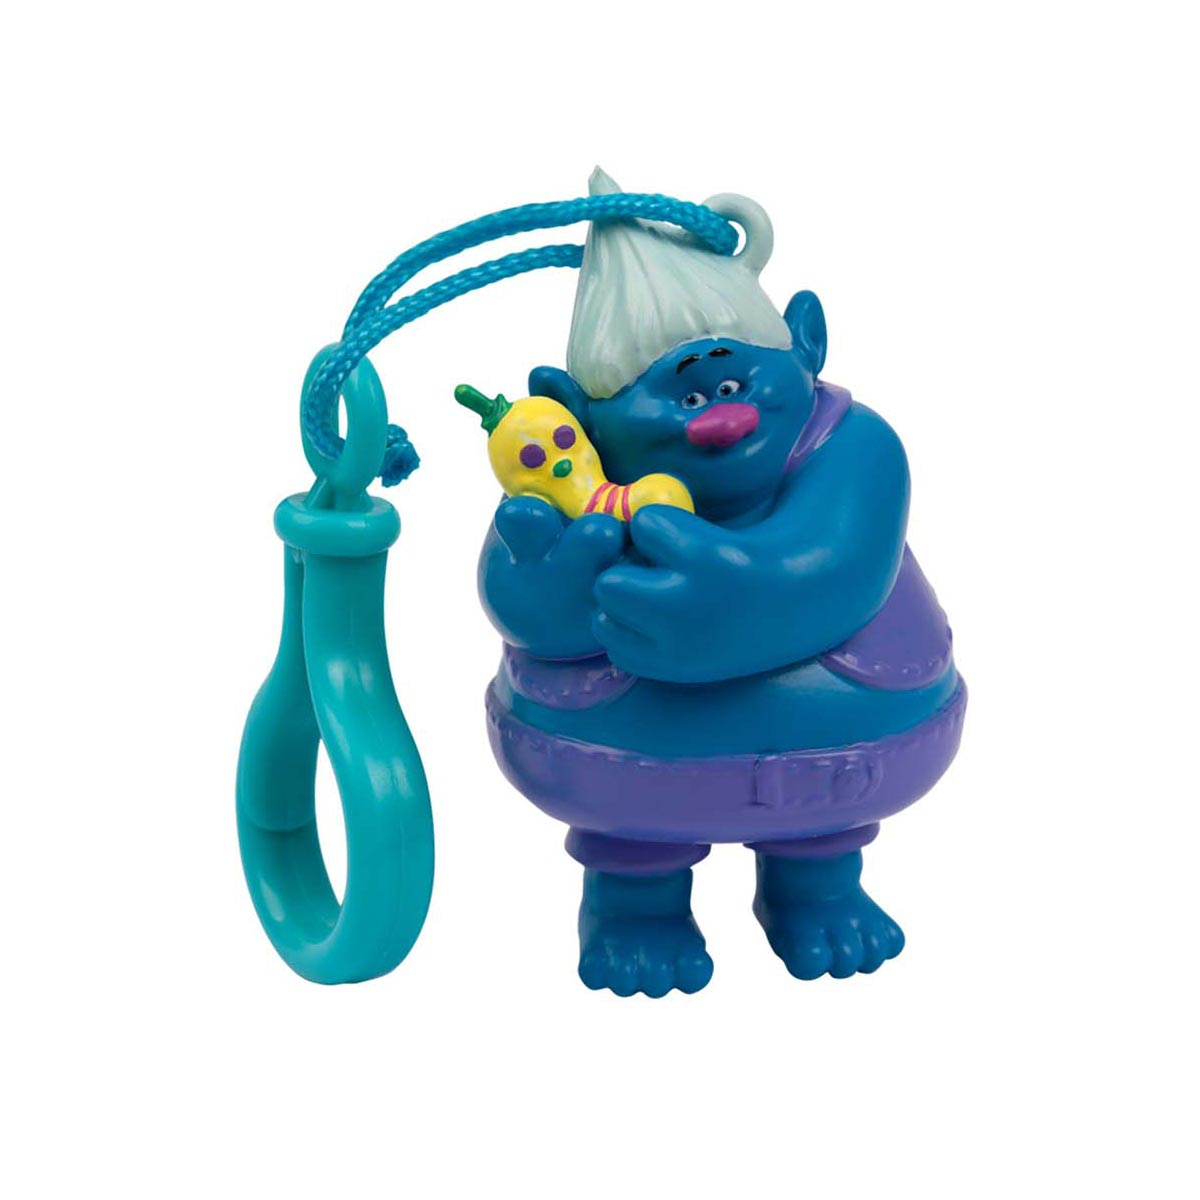 Игровые наборы и фигурки для детей Trolls Тролль trolls фигурка тролль harper